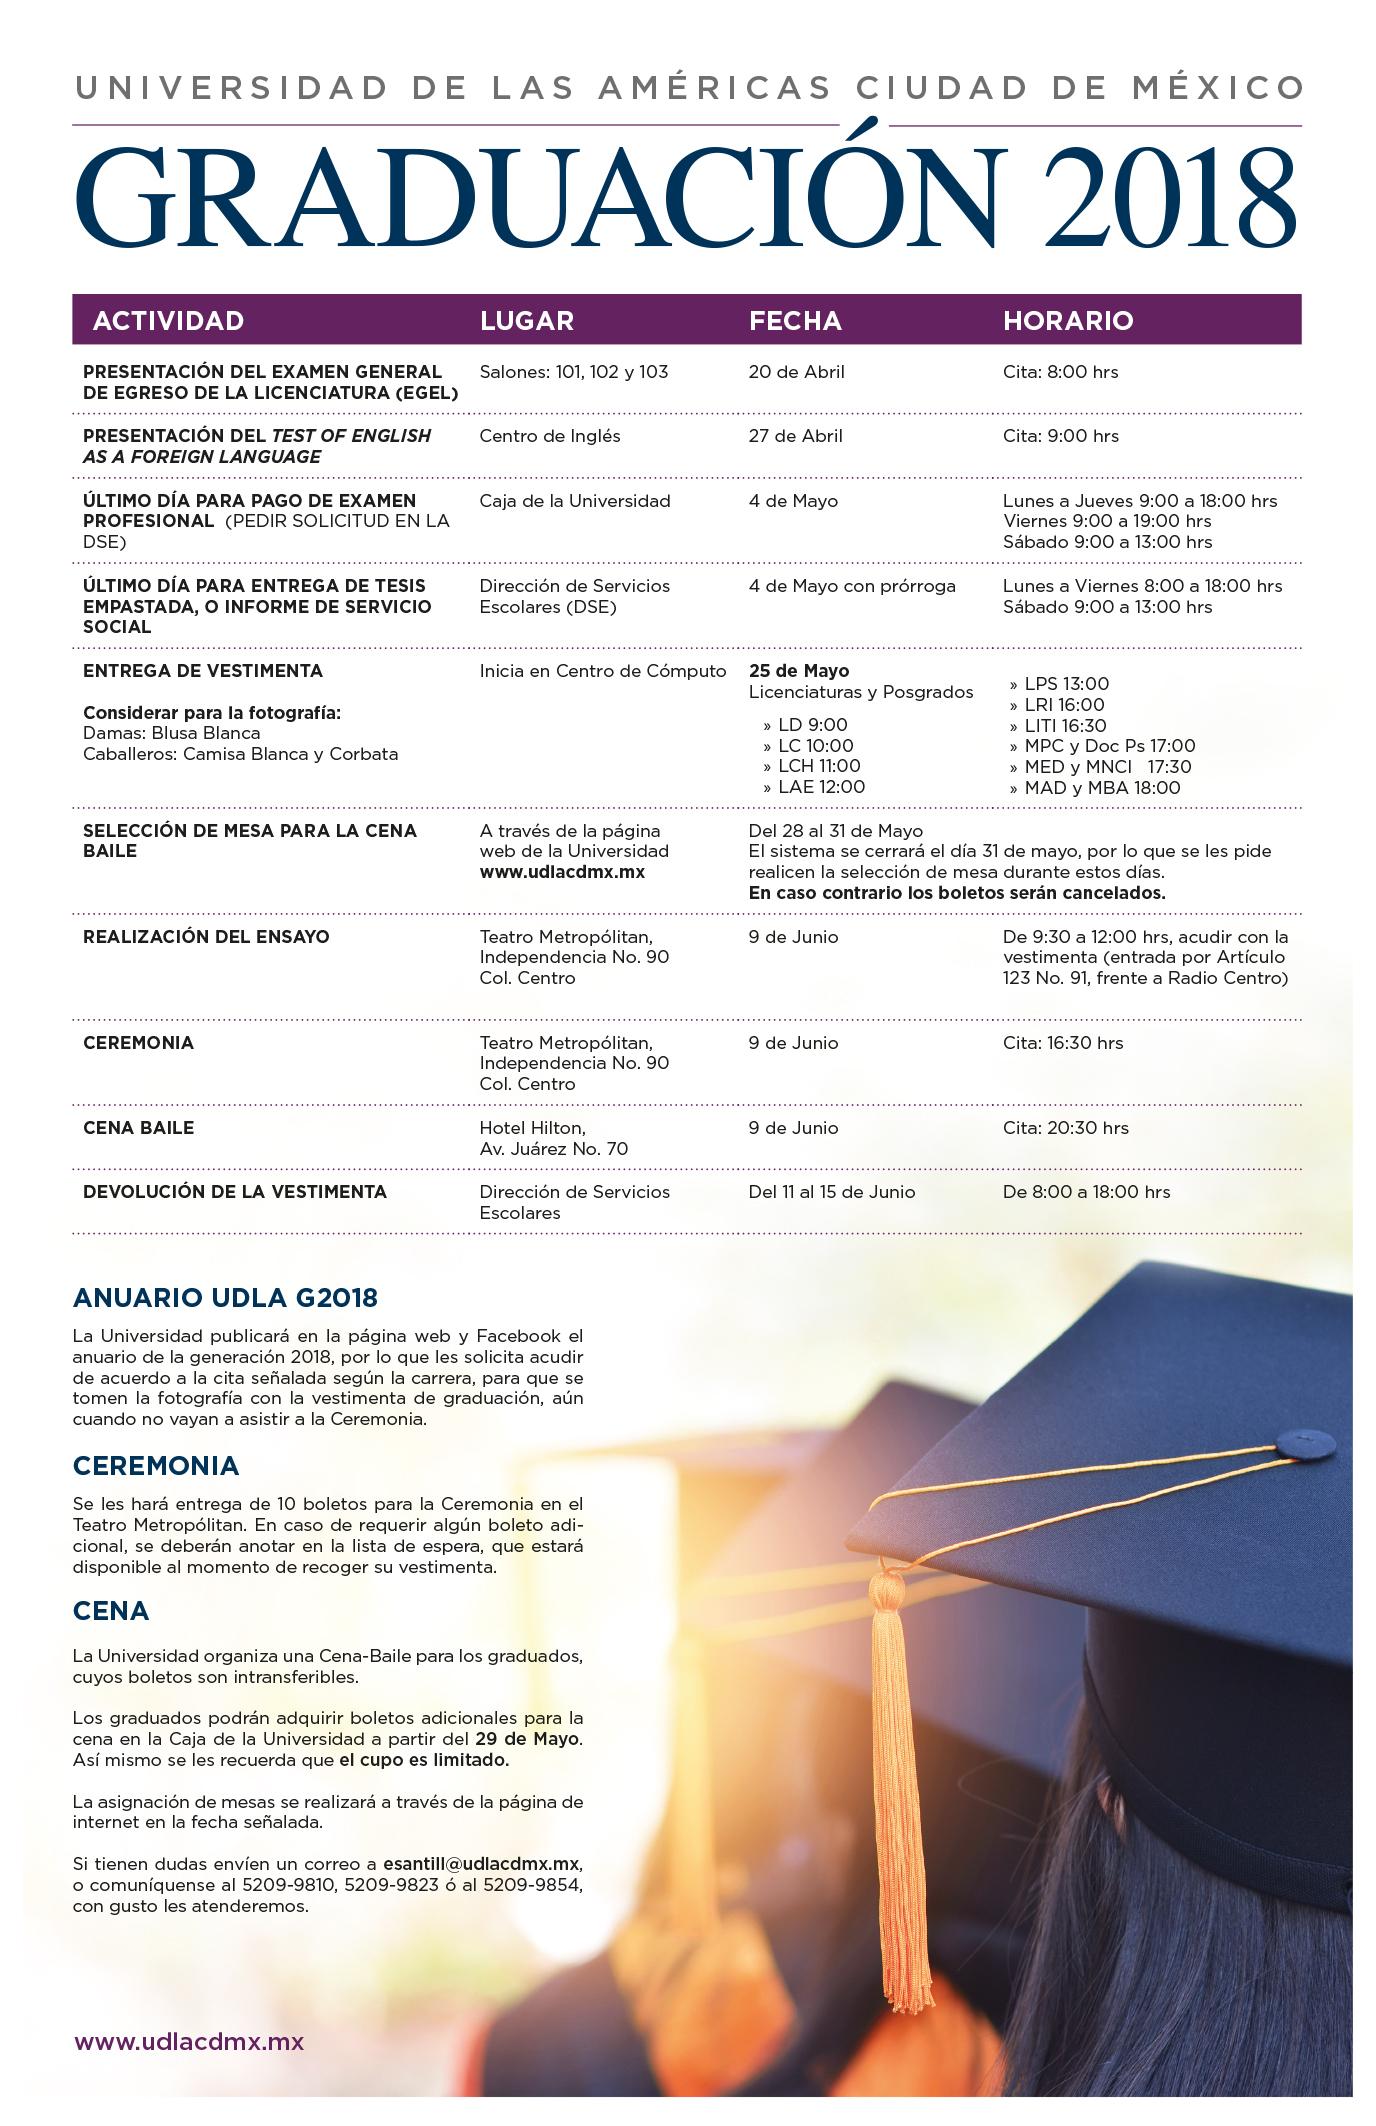 Calendario Academico Udla 2019.Udla Cdmx Calendario Academico